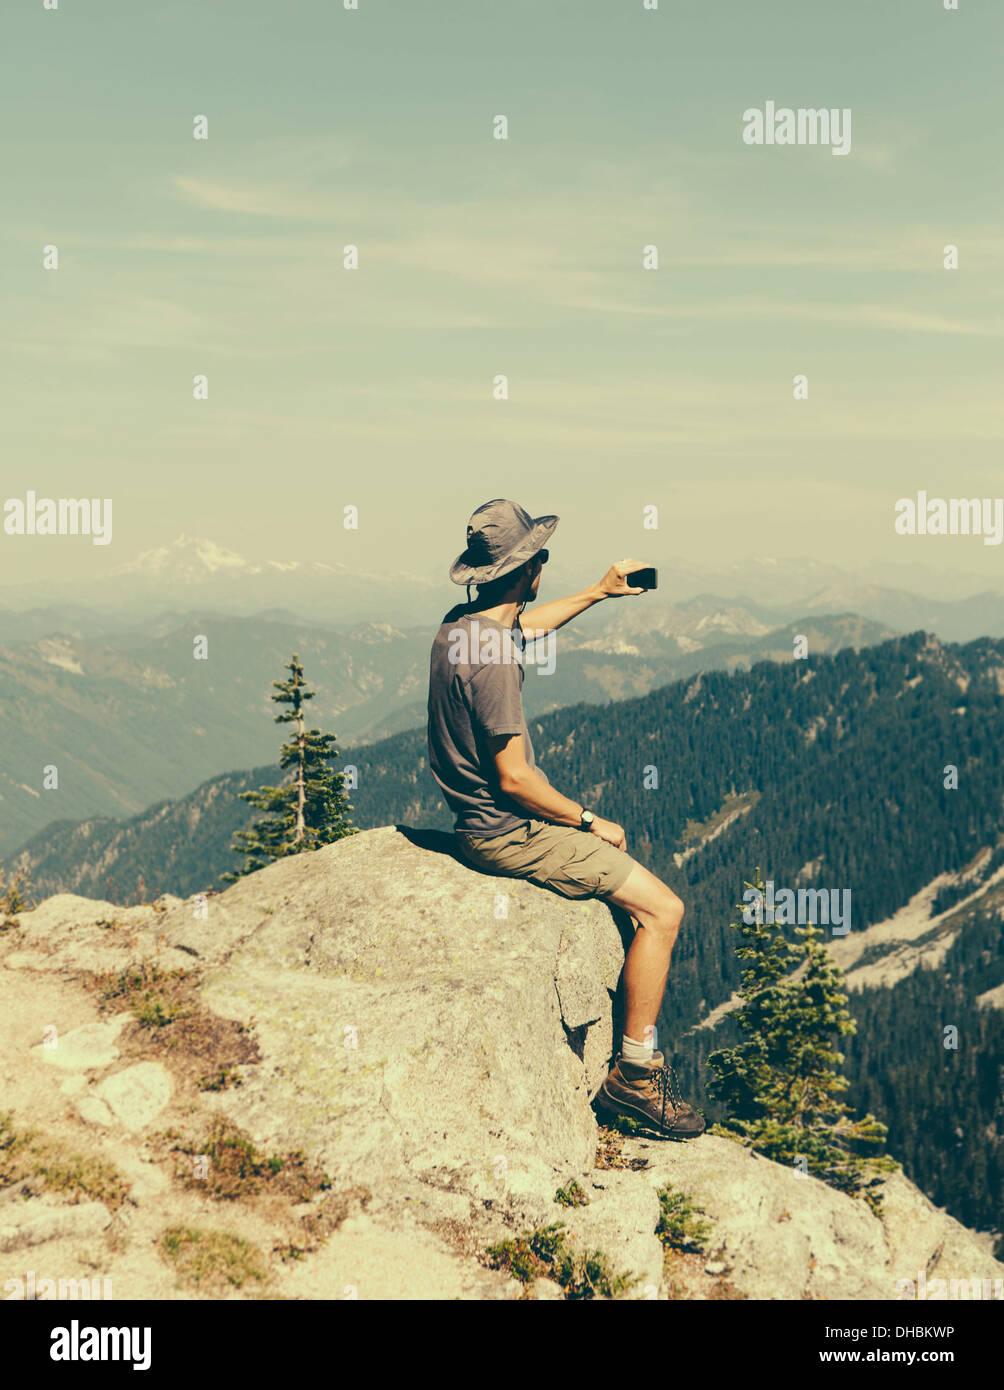 Un excursionista en la celebración de la cumbre de montaña en la parte superior del teléfono inteligente Imagen De Stock